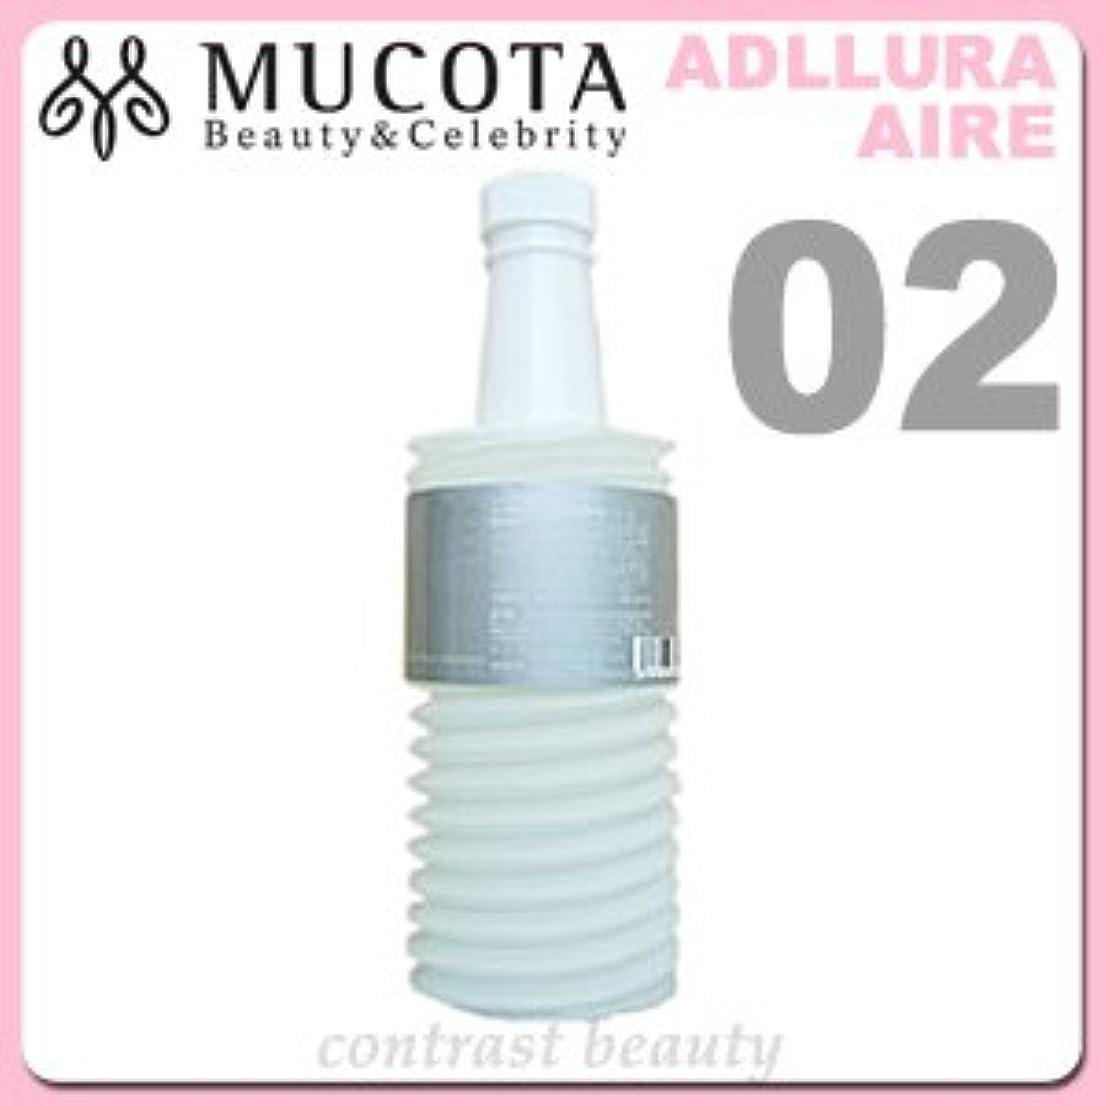 唯一つま先使い込む【X4個セット】 ムコタ アデューラ アイレ02 エモリエントCMCシャンプー アクア 700ml(レフィル)